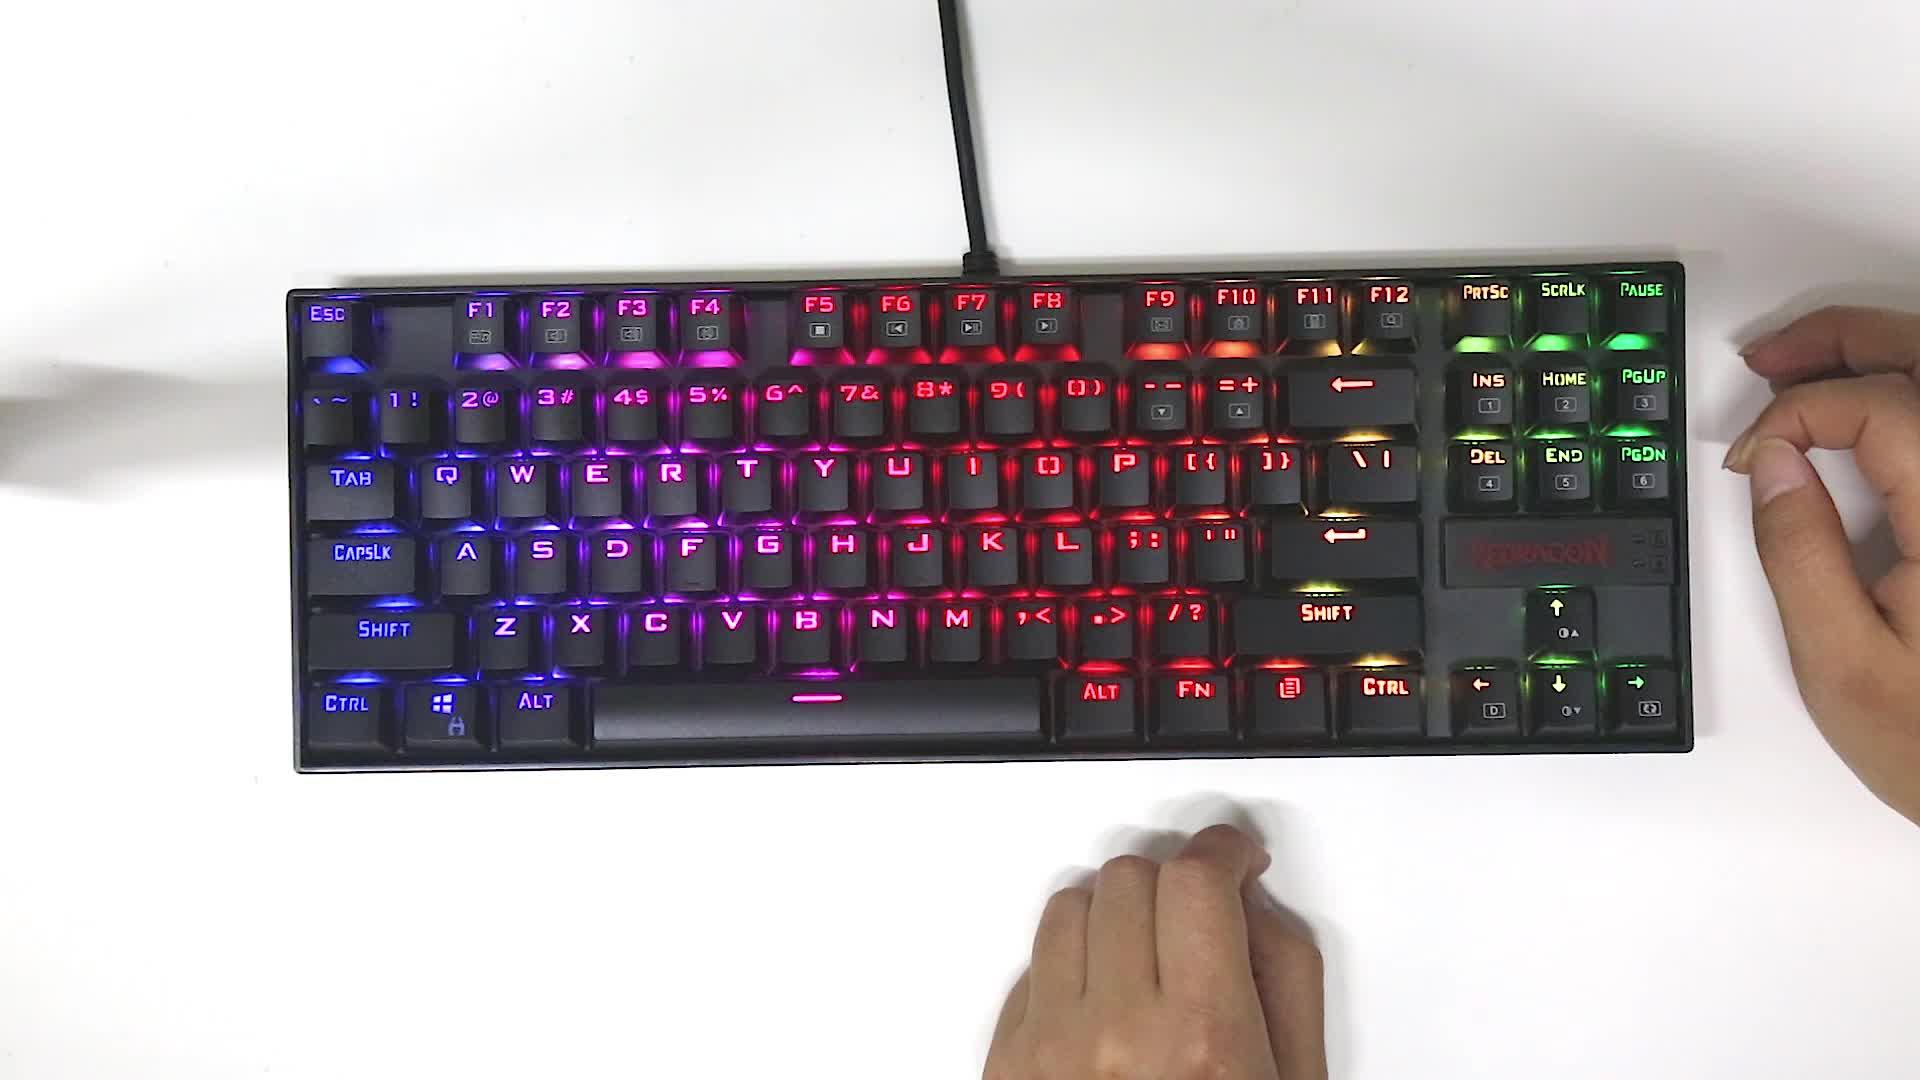 Redragon K552 KUMARA RGB 백라이트 기계식 게임 키보드 87 키 블루 스위치 백라이트 키보드